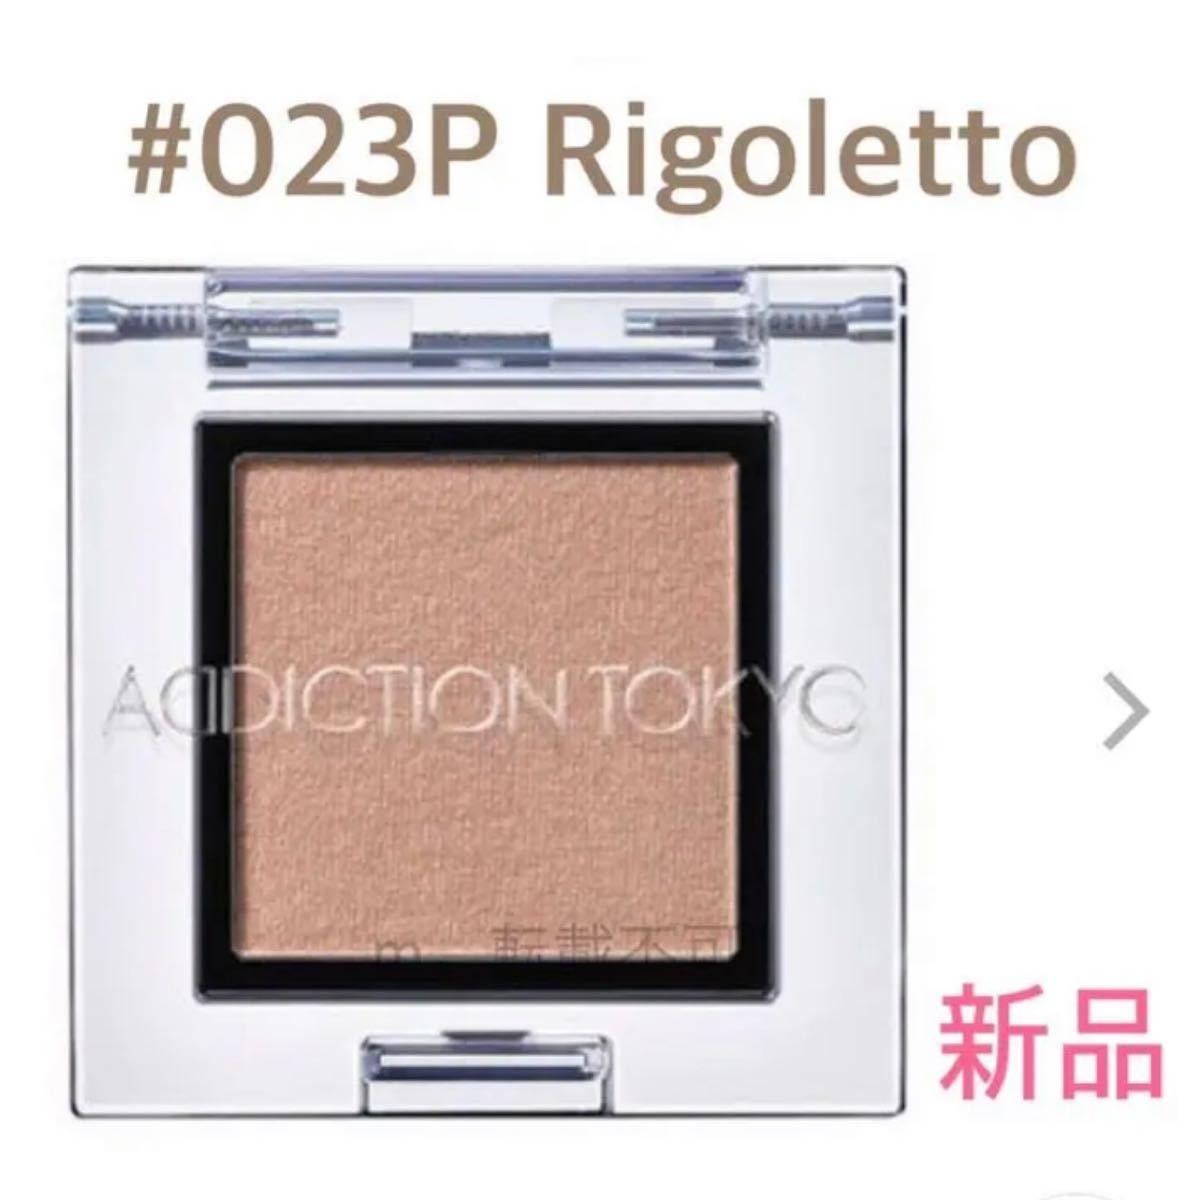 ADDICTION アディクション アイシャドウ ザ アイシャドウ #023P Rigoletto リゴレット